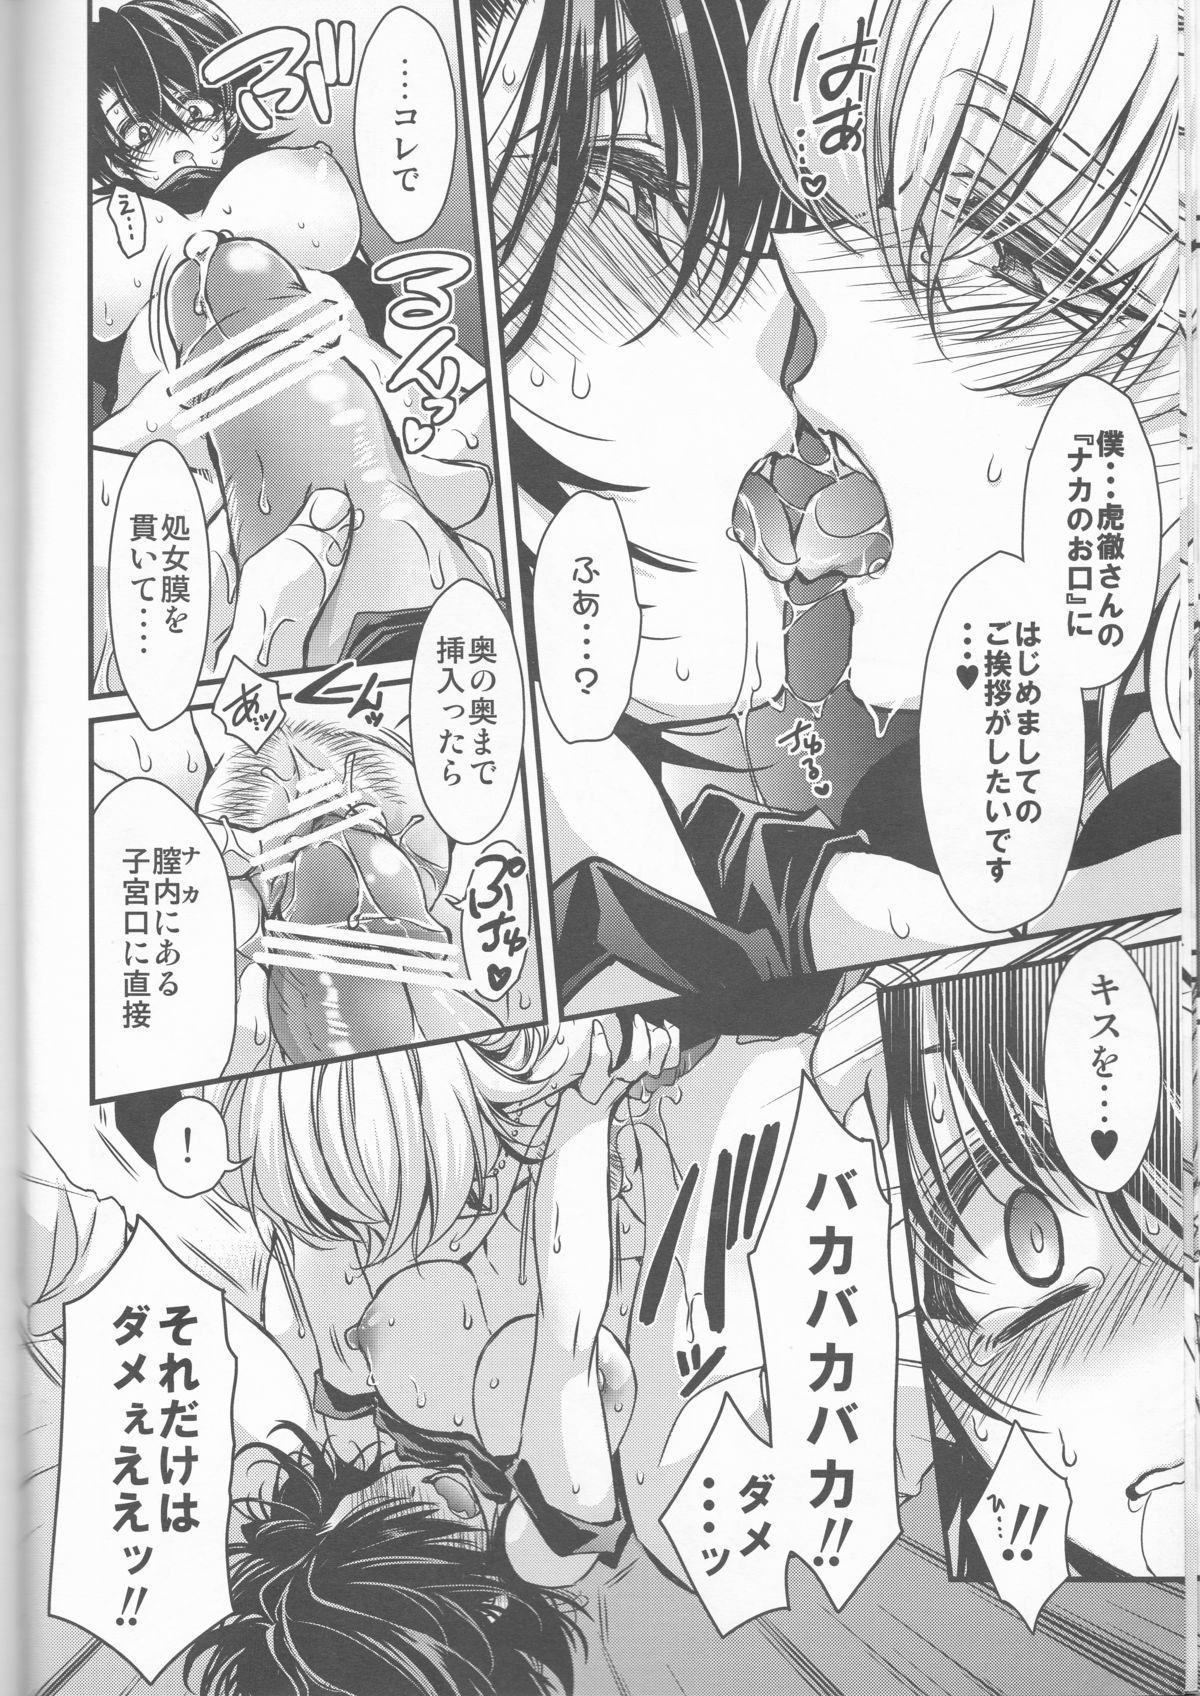 (C81) [RIRIADOLL (Takewakamaru)] Boku no Kotetsu-san ga Nyotetsu-san ni Natte Shimai Mashite!? (Tiger & Bunny) 15